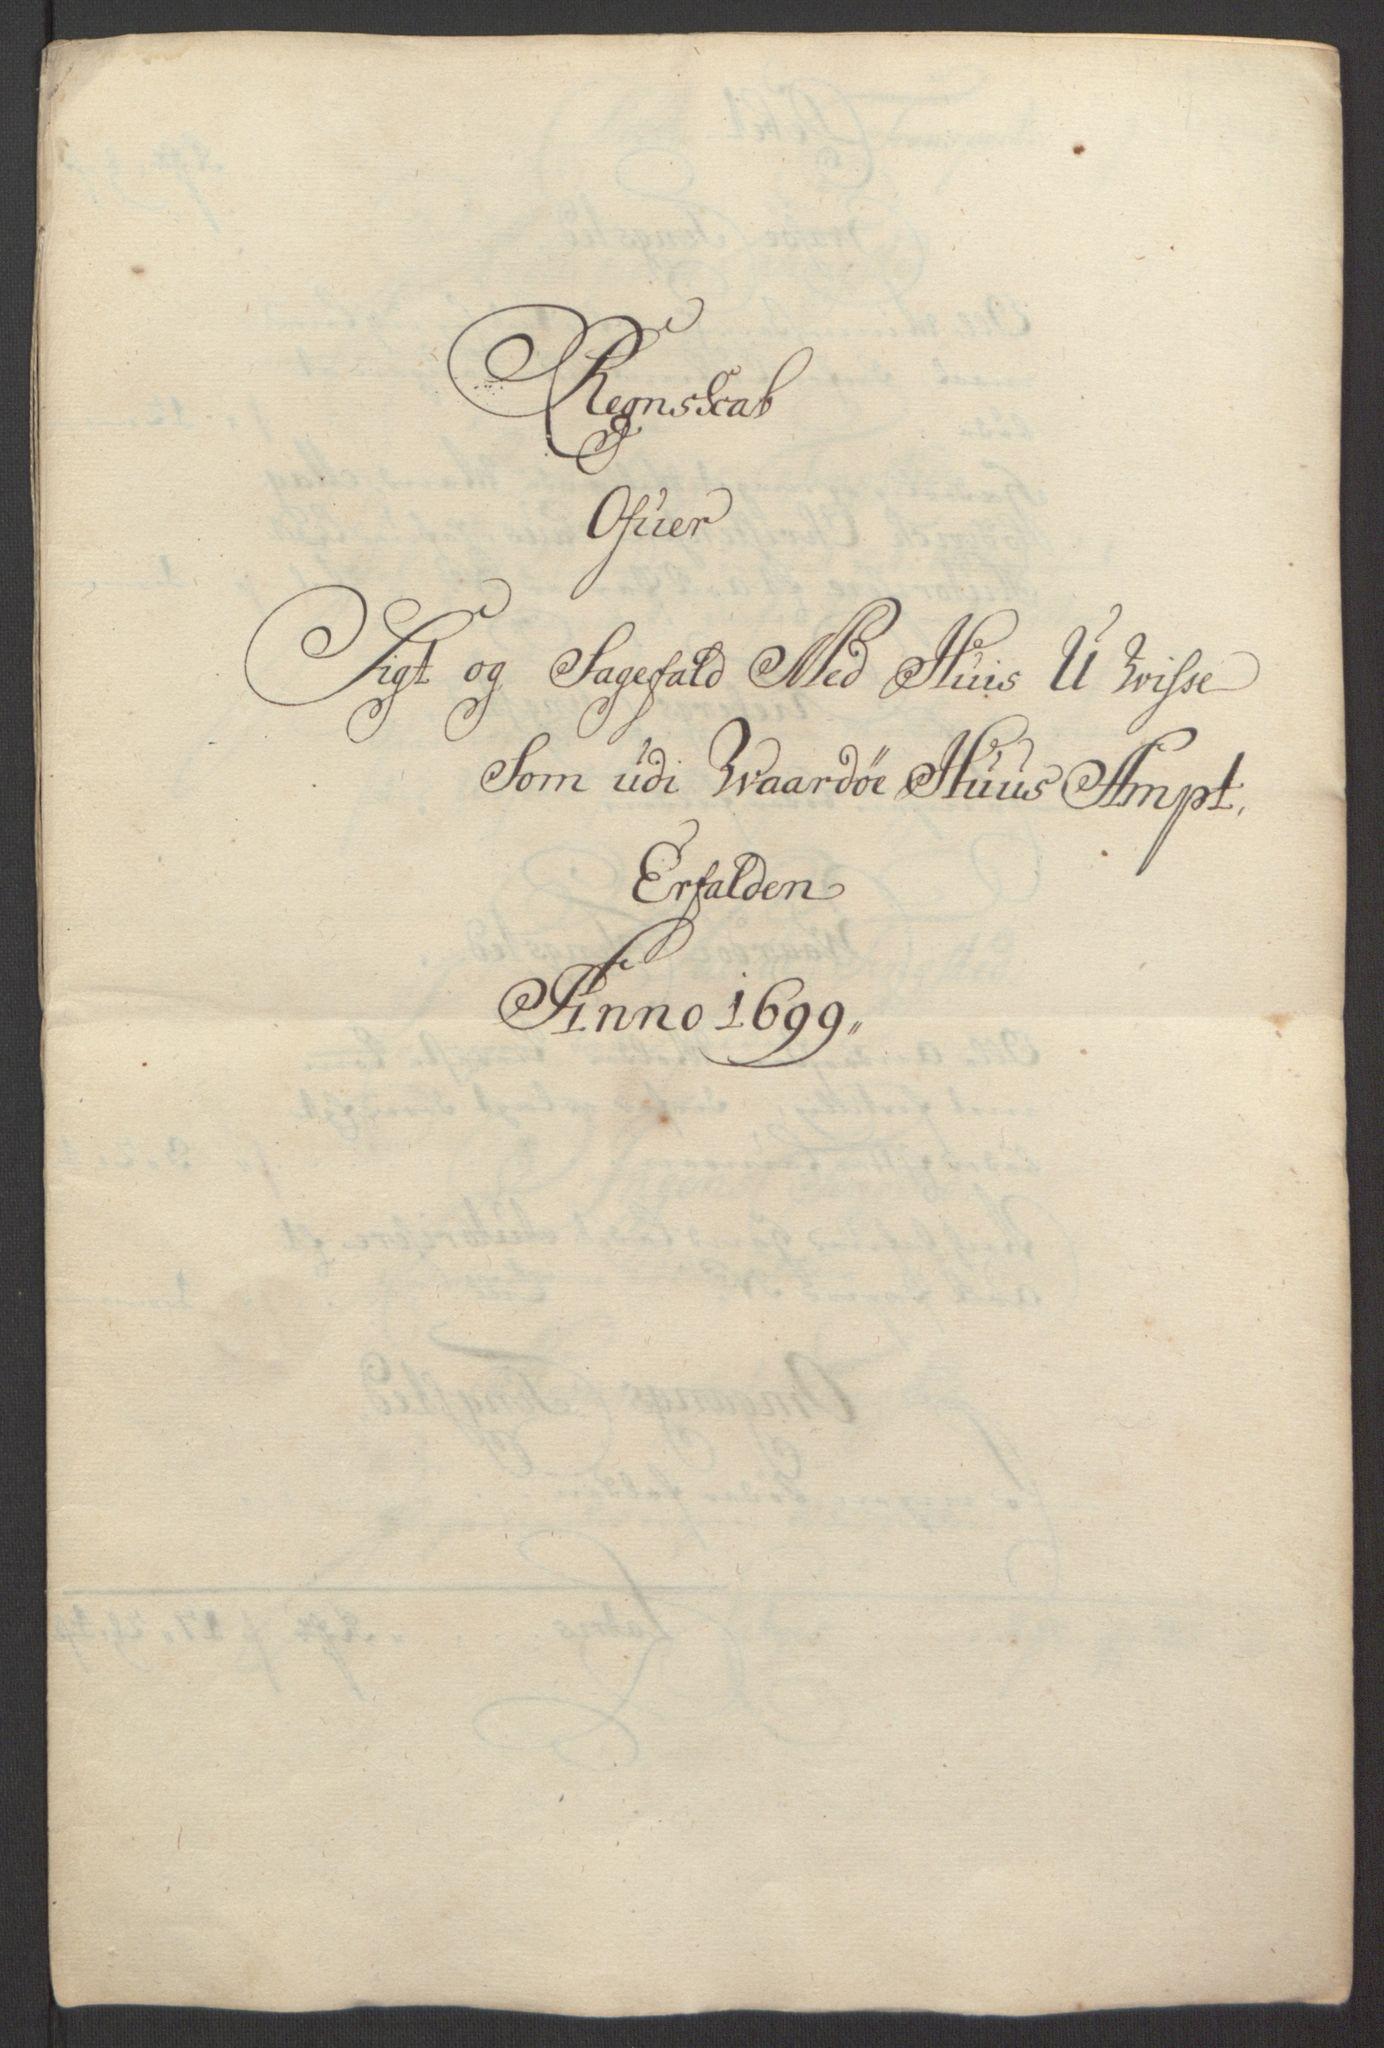 RA, Rentekammeret inntil 1814, Reviderte regnskaper, Fogderegnskap, R69/L4851: Fogderegnskap Finnmark/Vardøhus, 1691-1700, s. 412